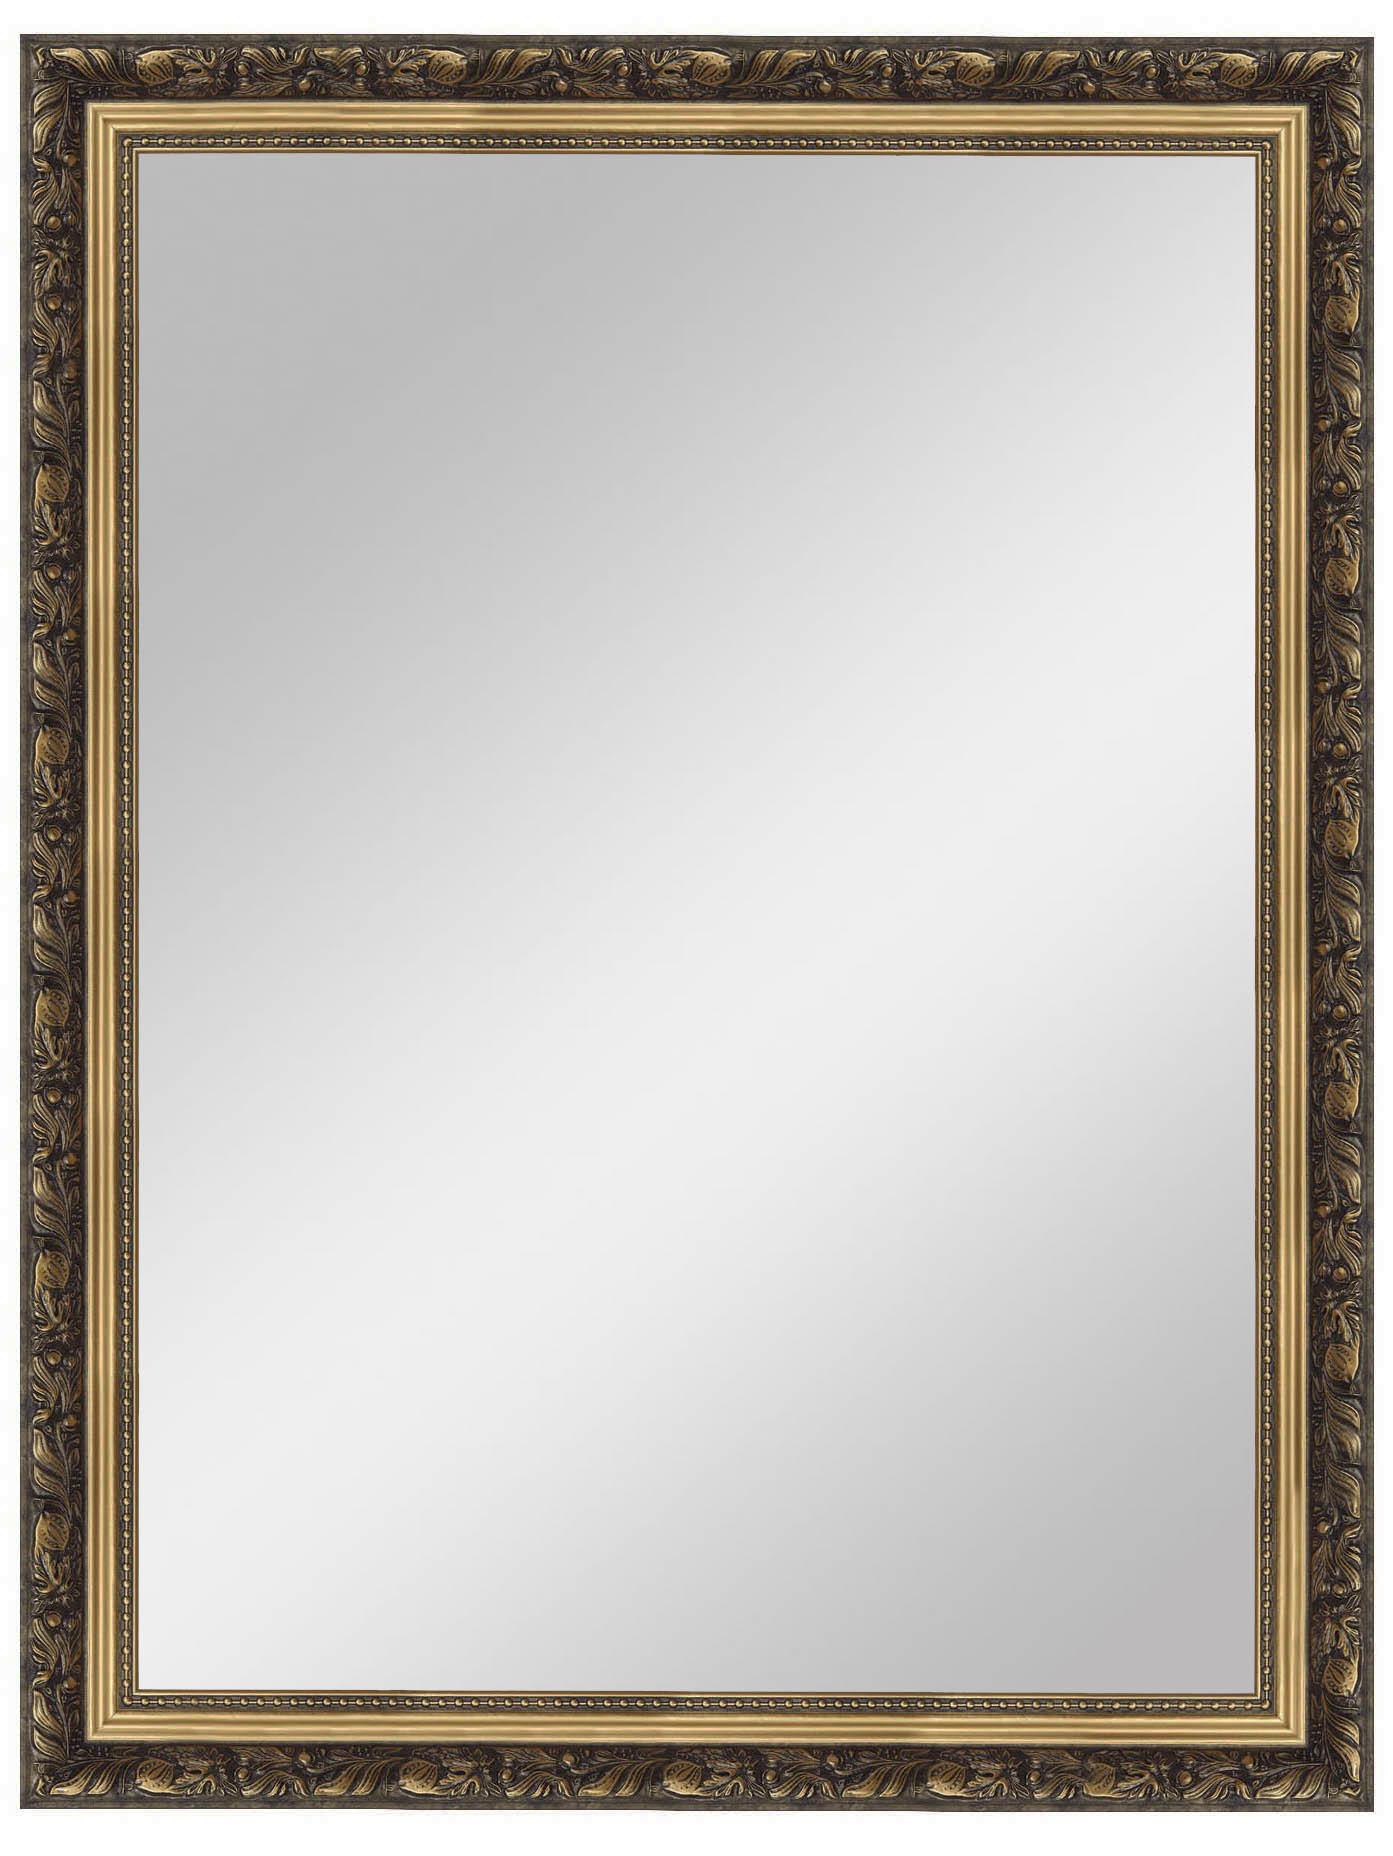 Настенное зеркало Черная лоза , inmyroom, Россия  - Купить